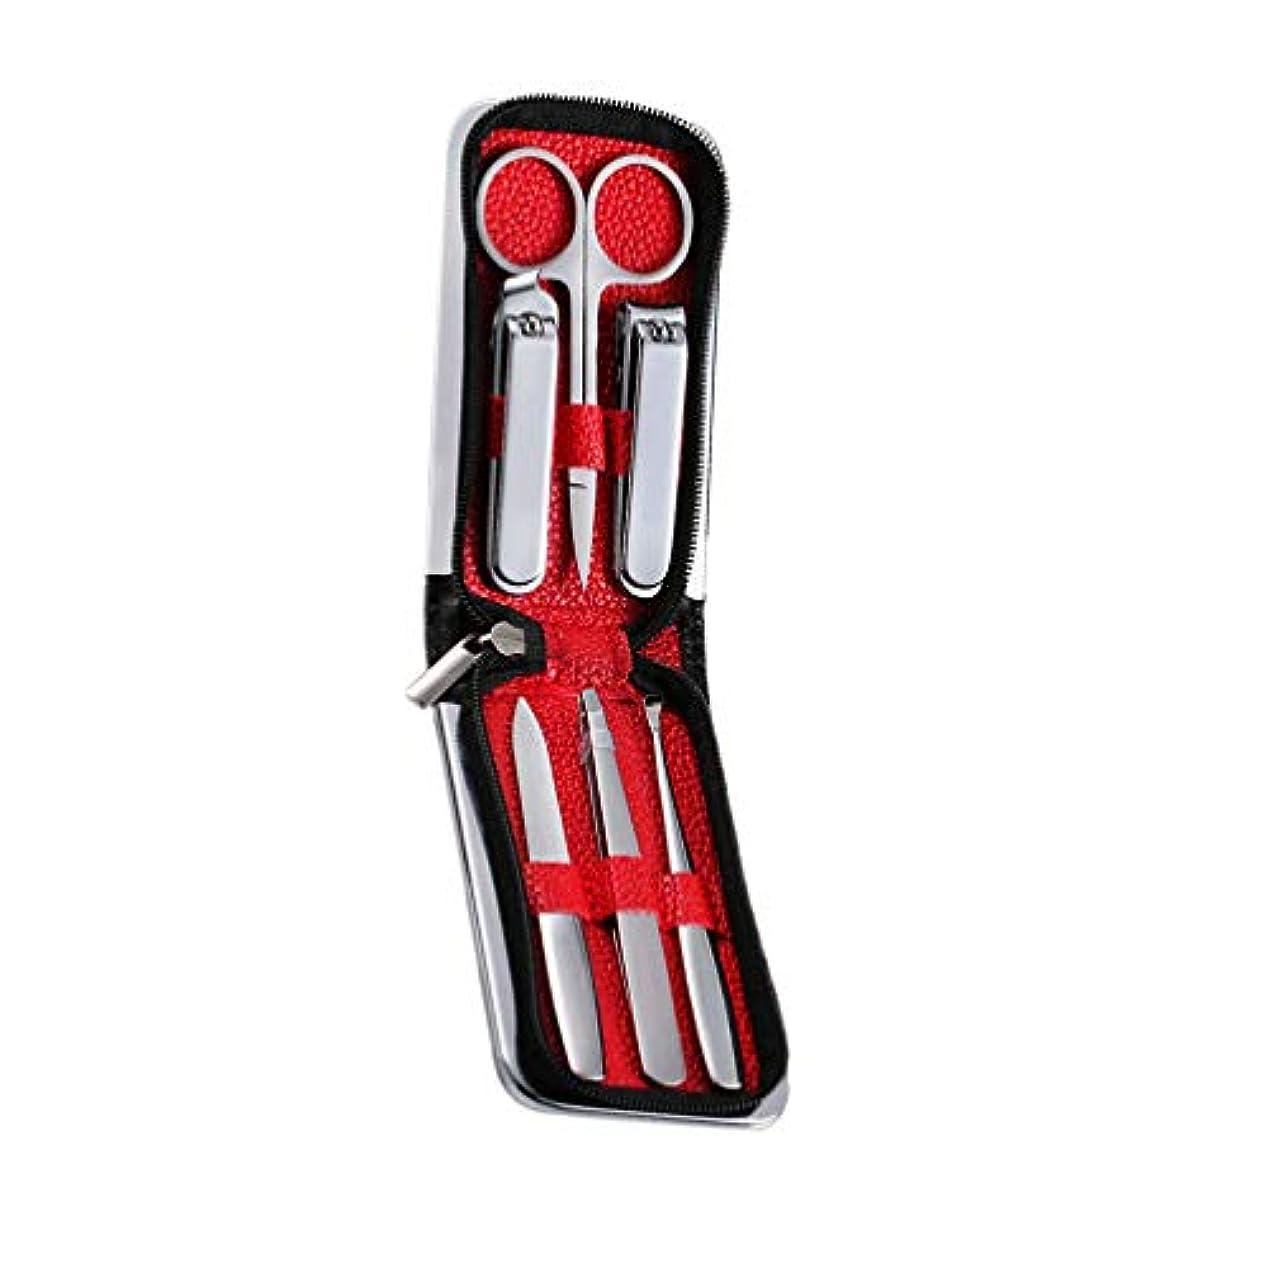 ハングカバー泣き叫ぶSUPVOX 爪切りは爪足の爪レザートラベルケース用マニキュアキットを設定します